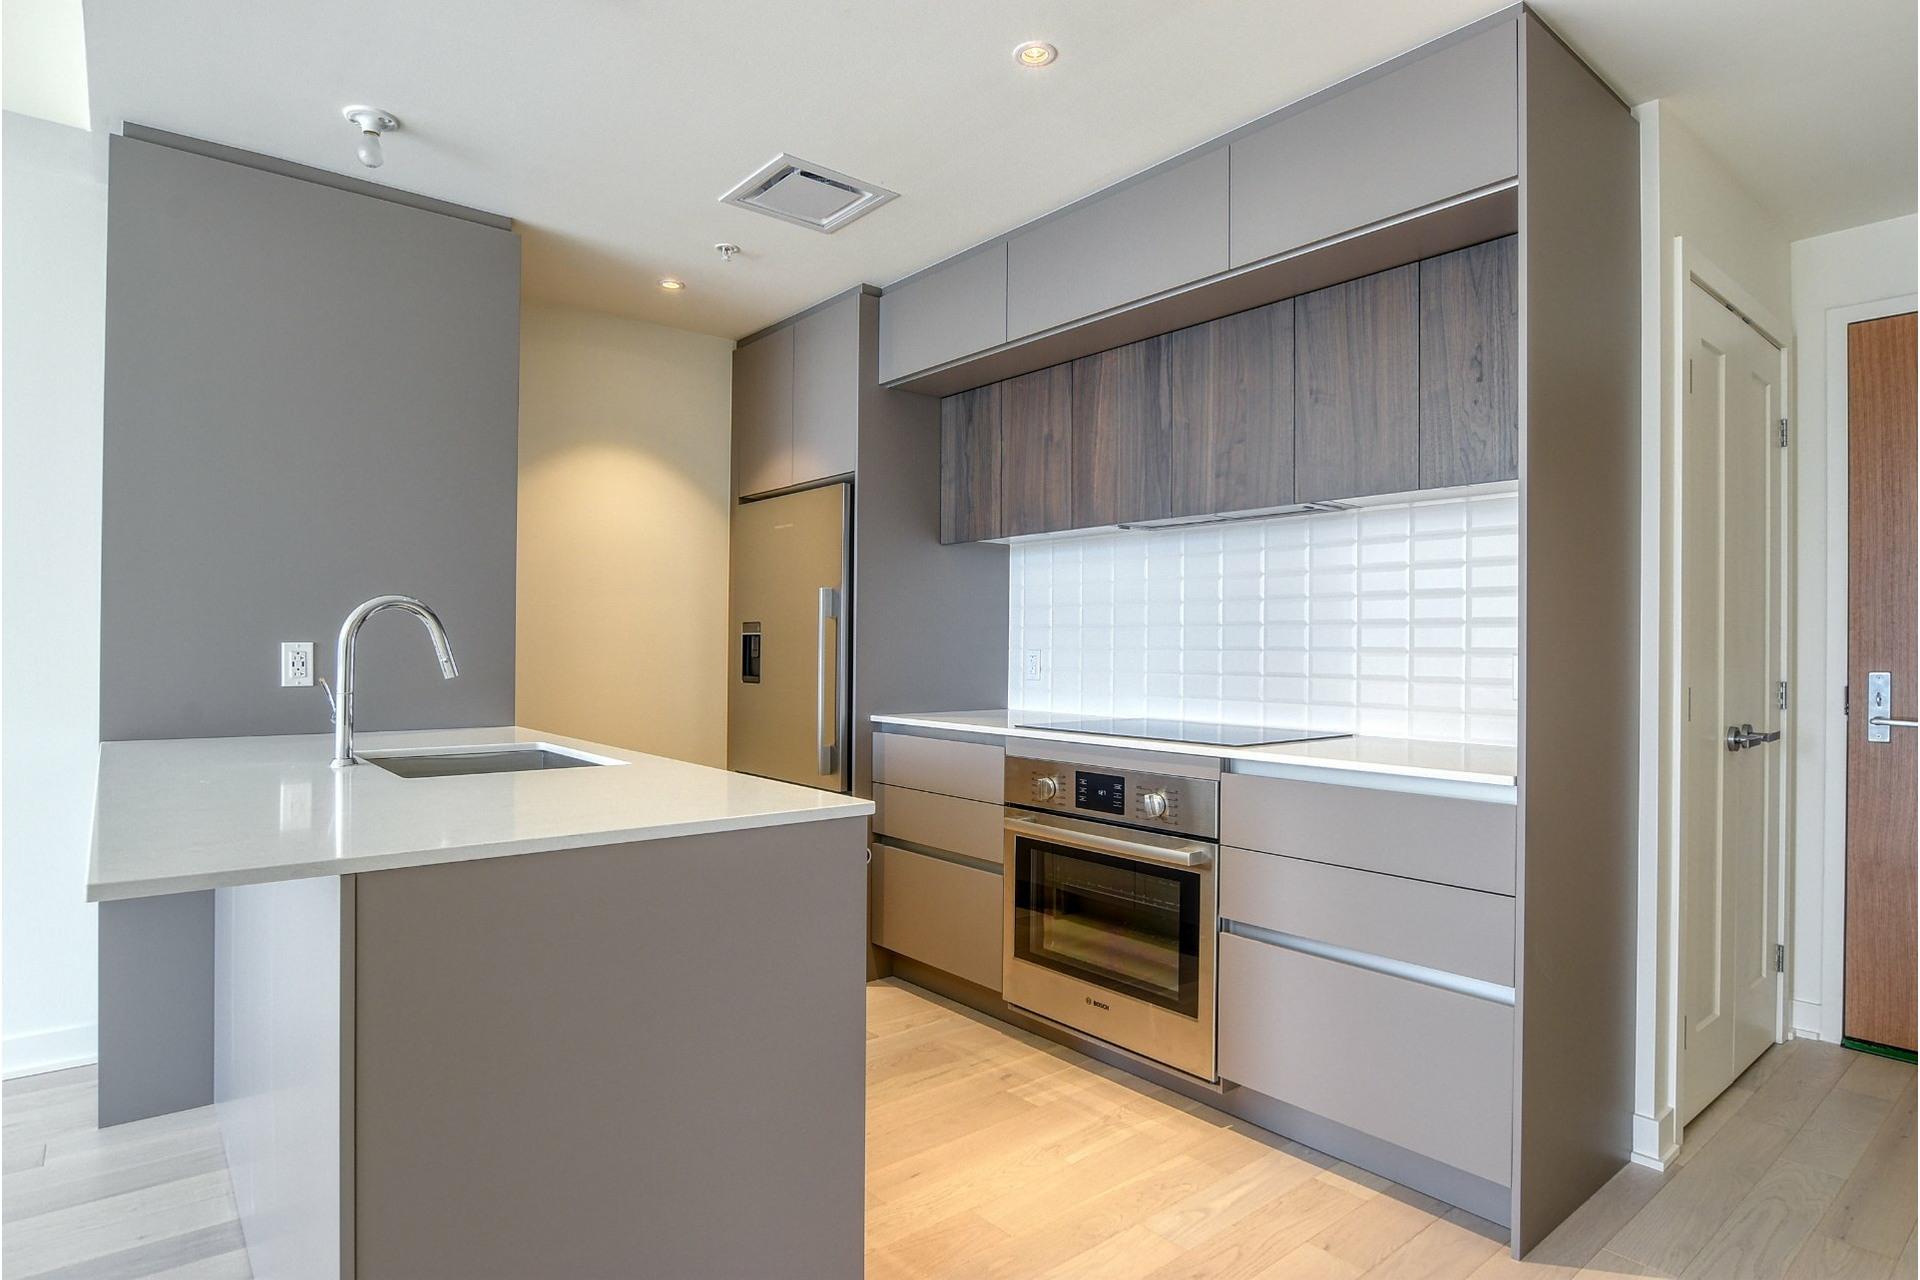 image 6 - Apartment For rent Verdun/Île-des-Soeurs Montréal  - 4 rooms